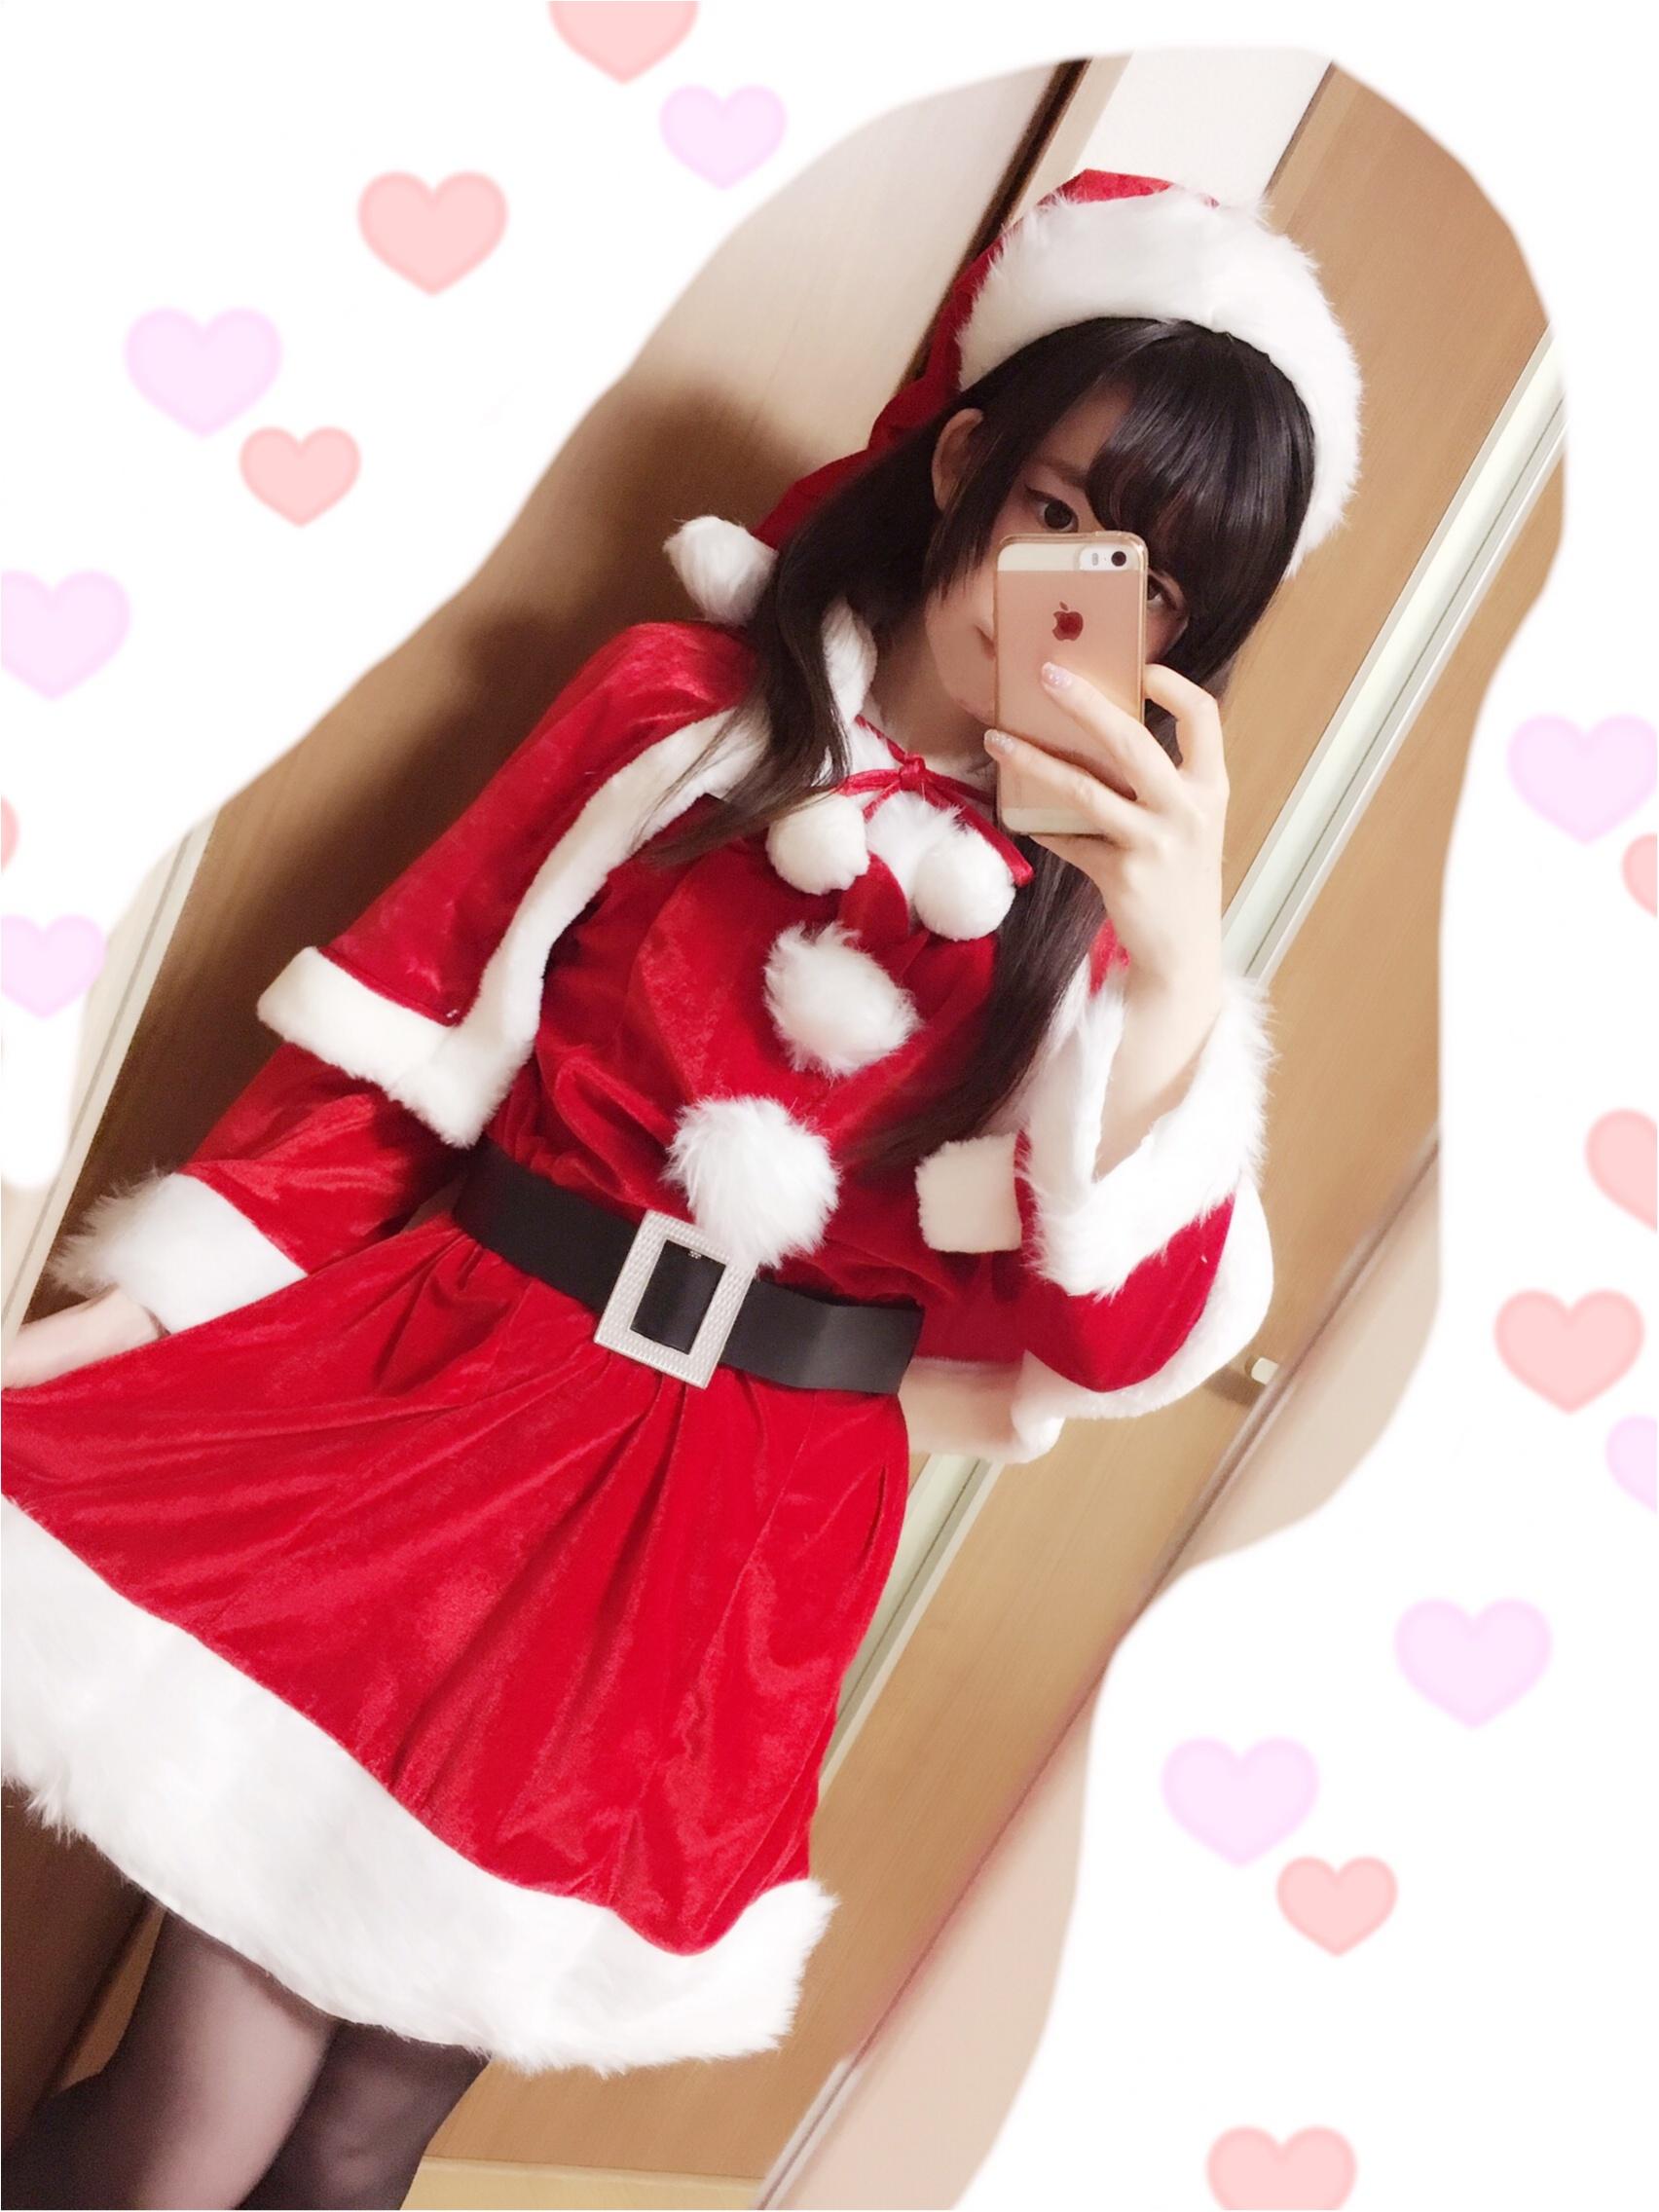 クリスマスコスプレの時機到来♡品揃えは断然『◯◯◯のドンキ』がすごいっ!by現役コスプレイヤー_2